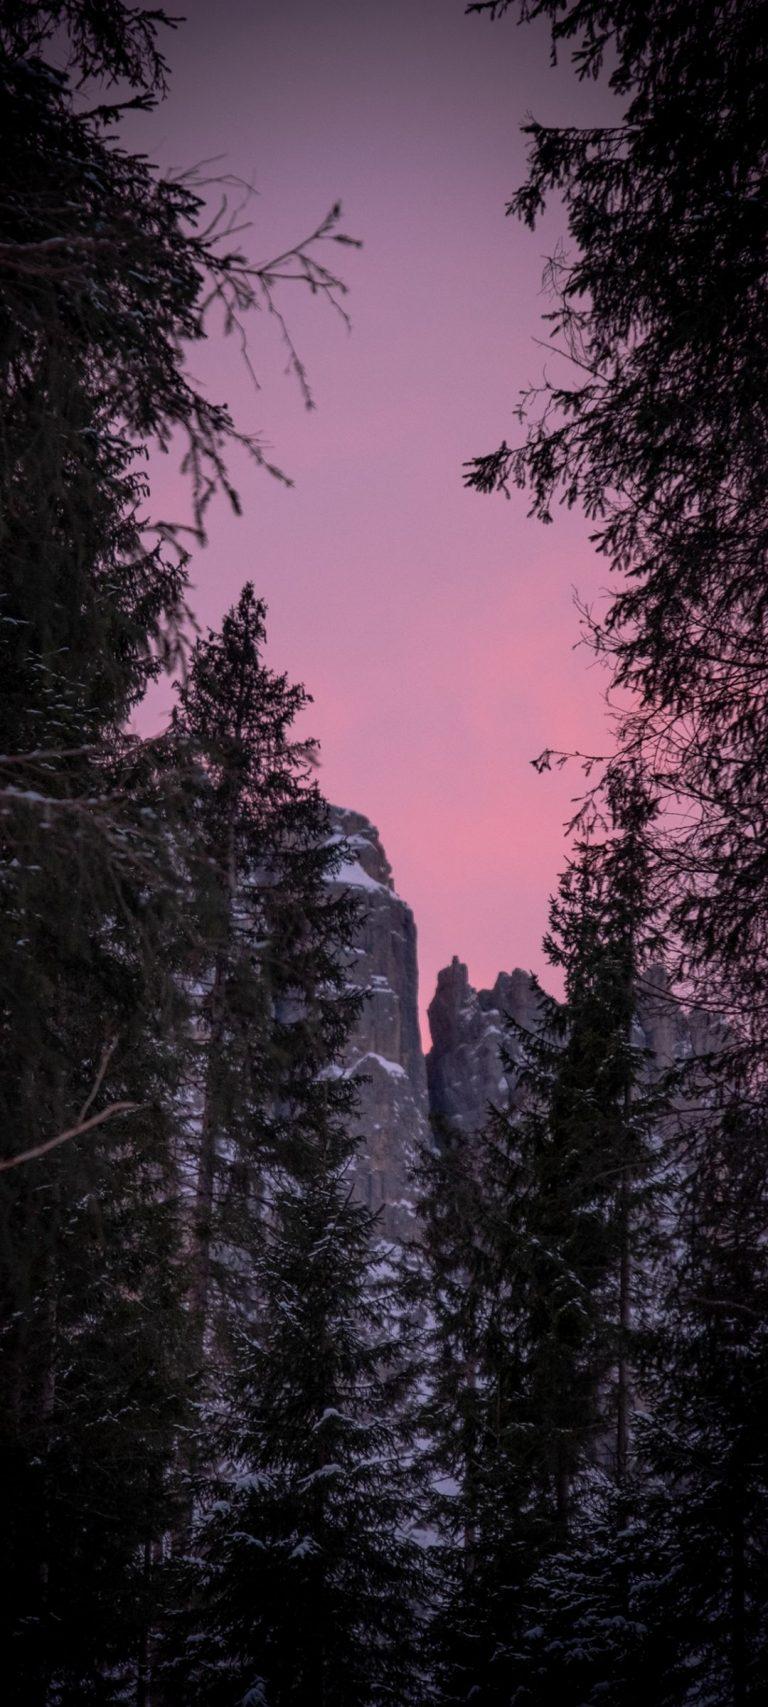 Twilight Snow Mountains Nature 1080x2400 768x1707